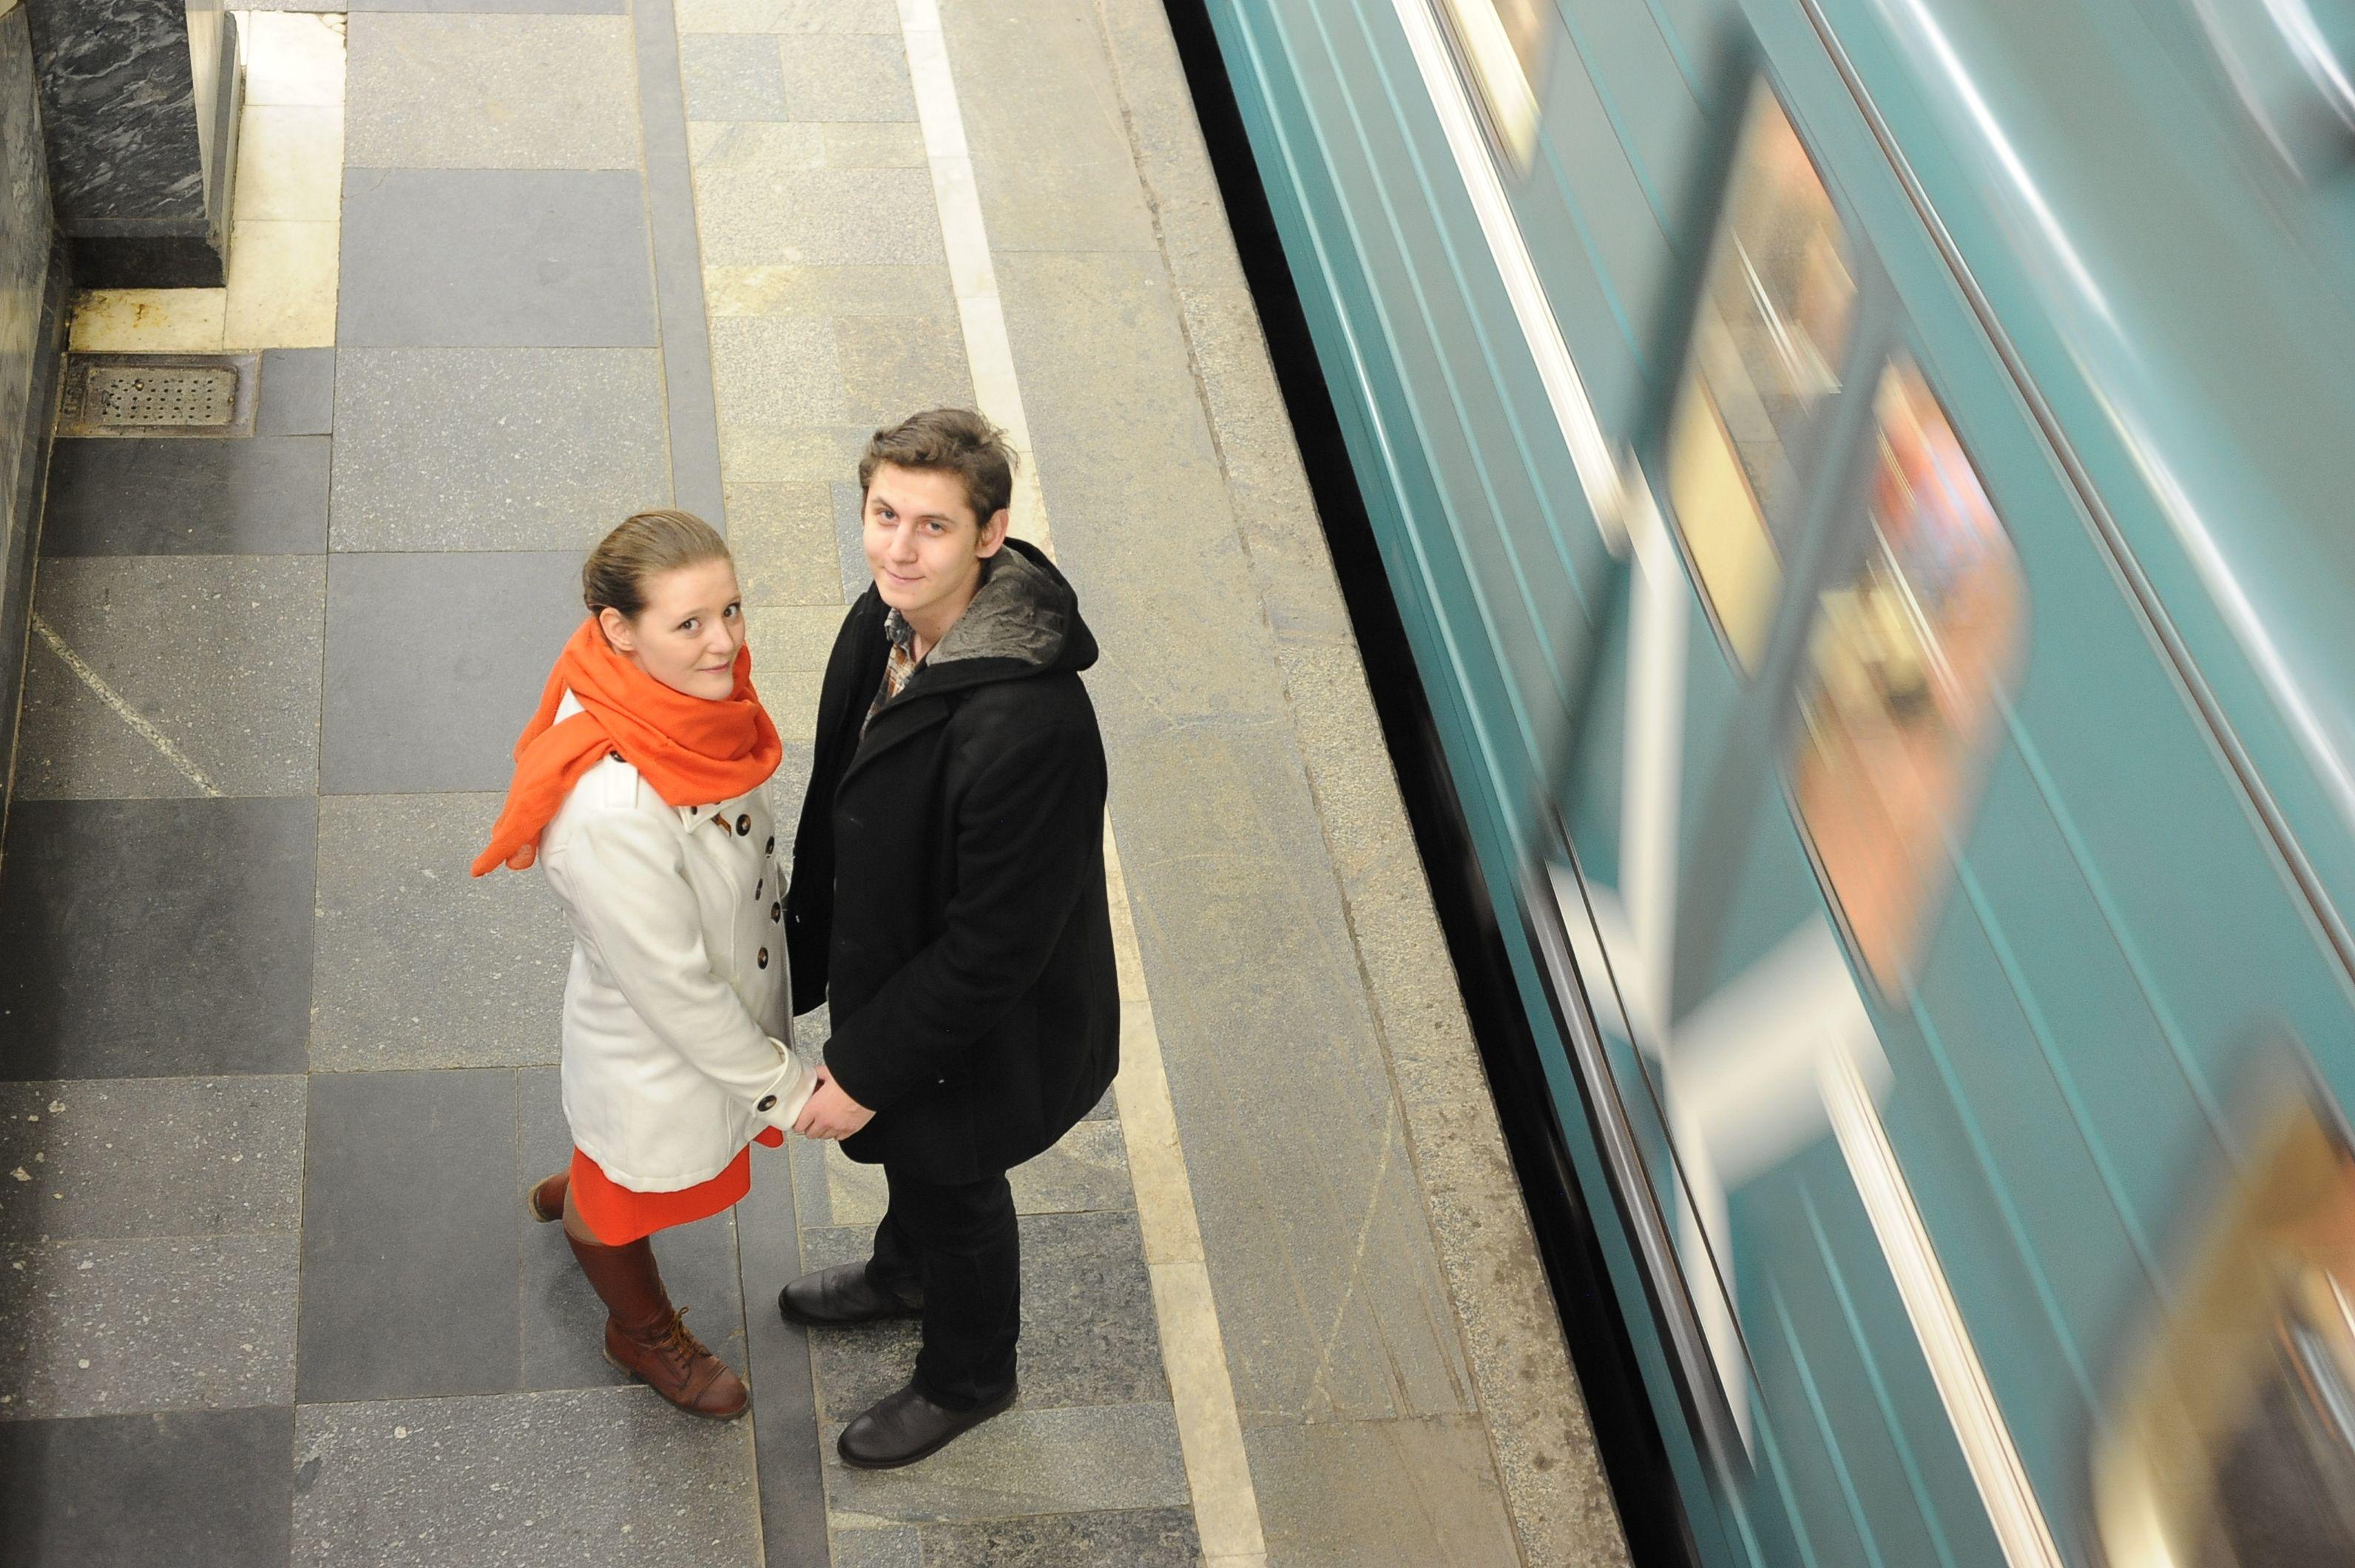 Метро Москвы и Петербурга познакомило более 700 влюбленных